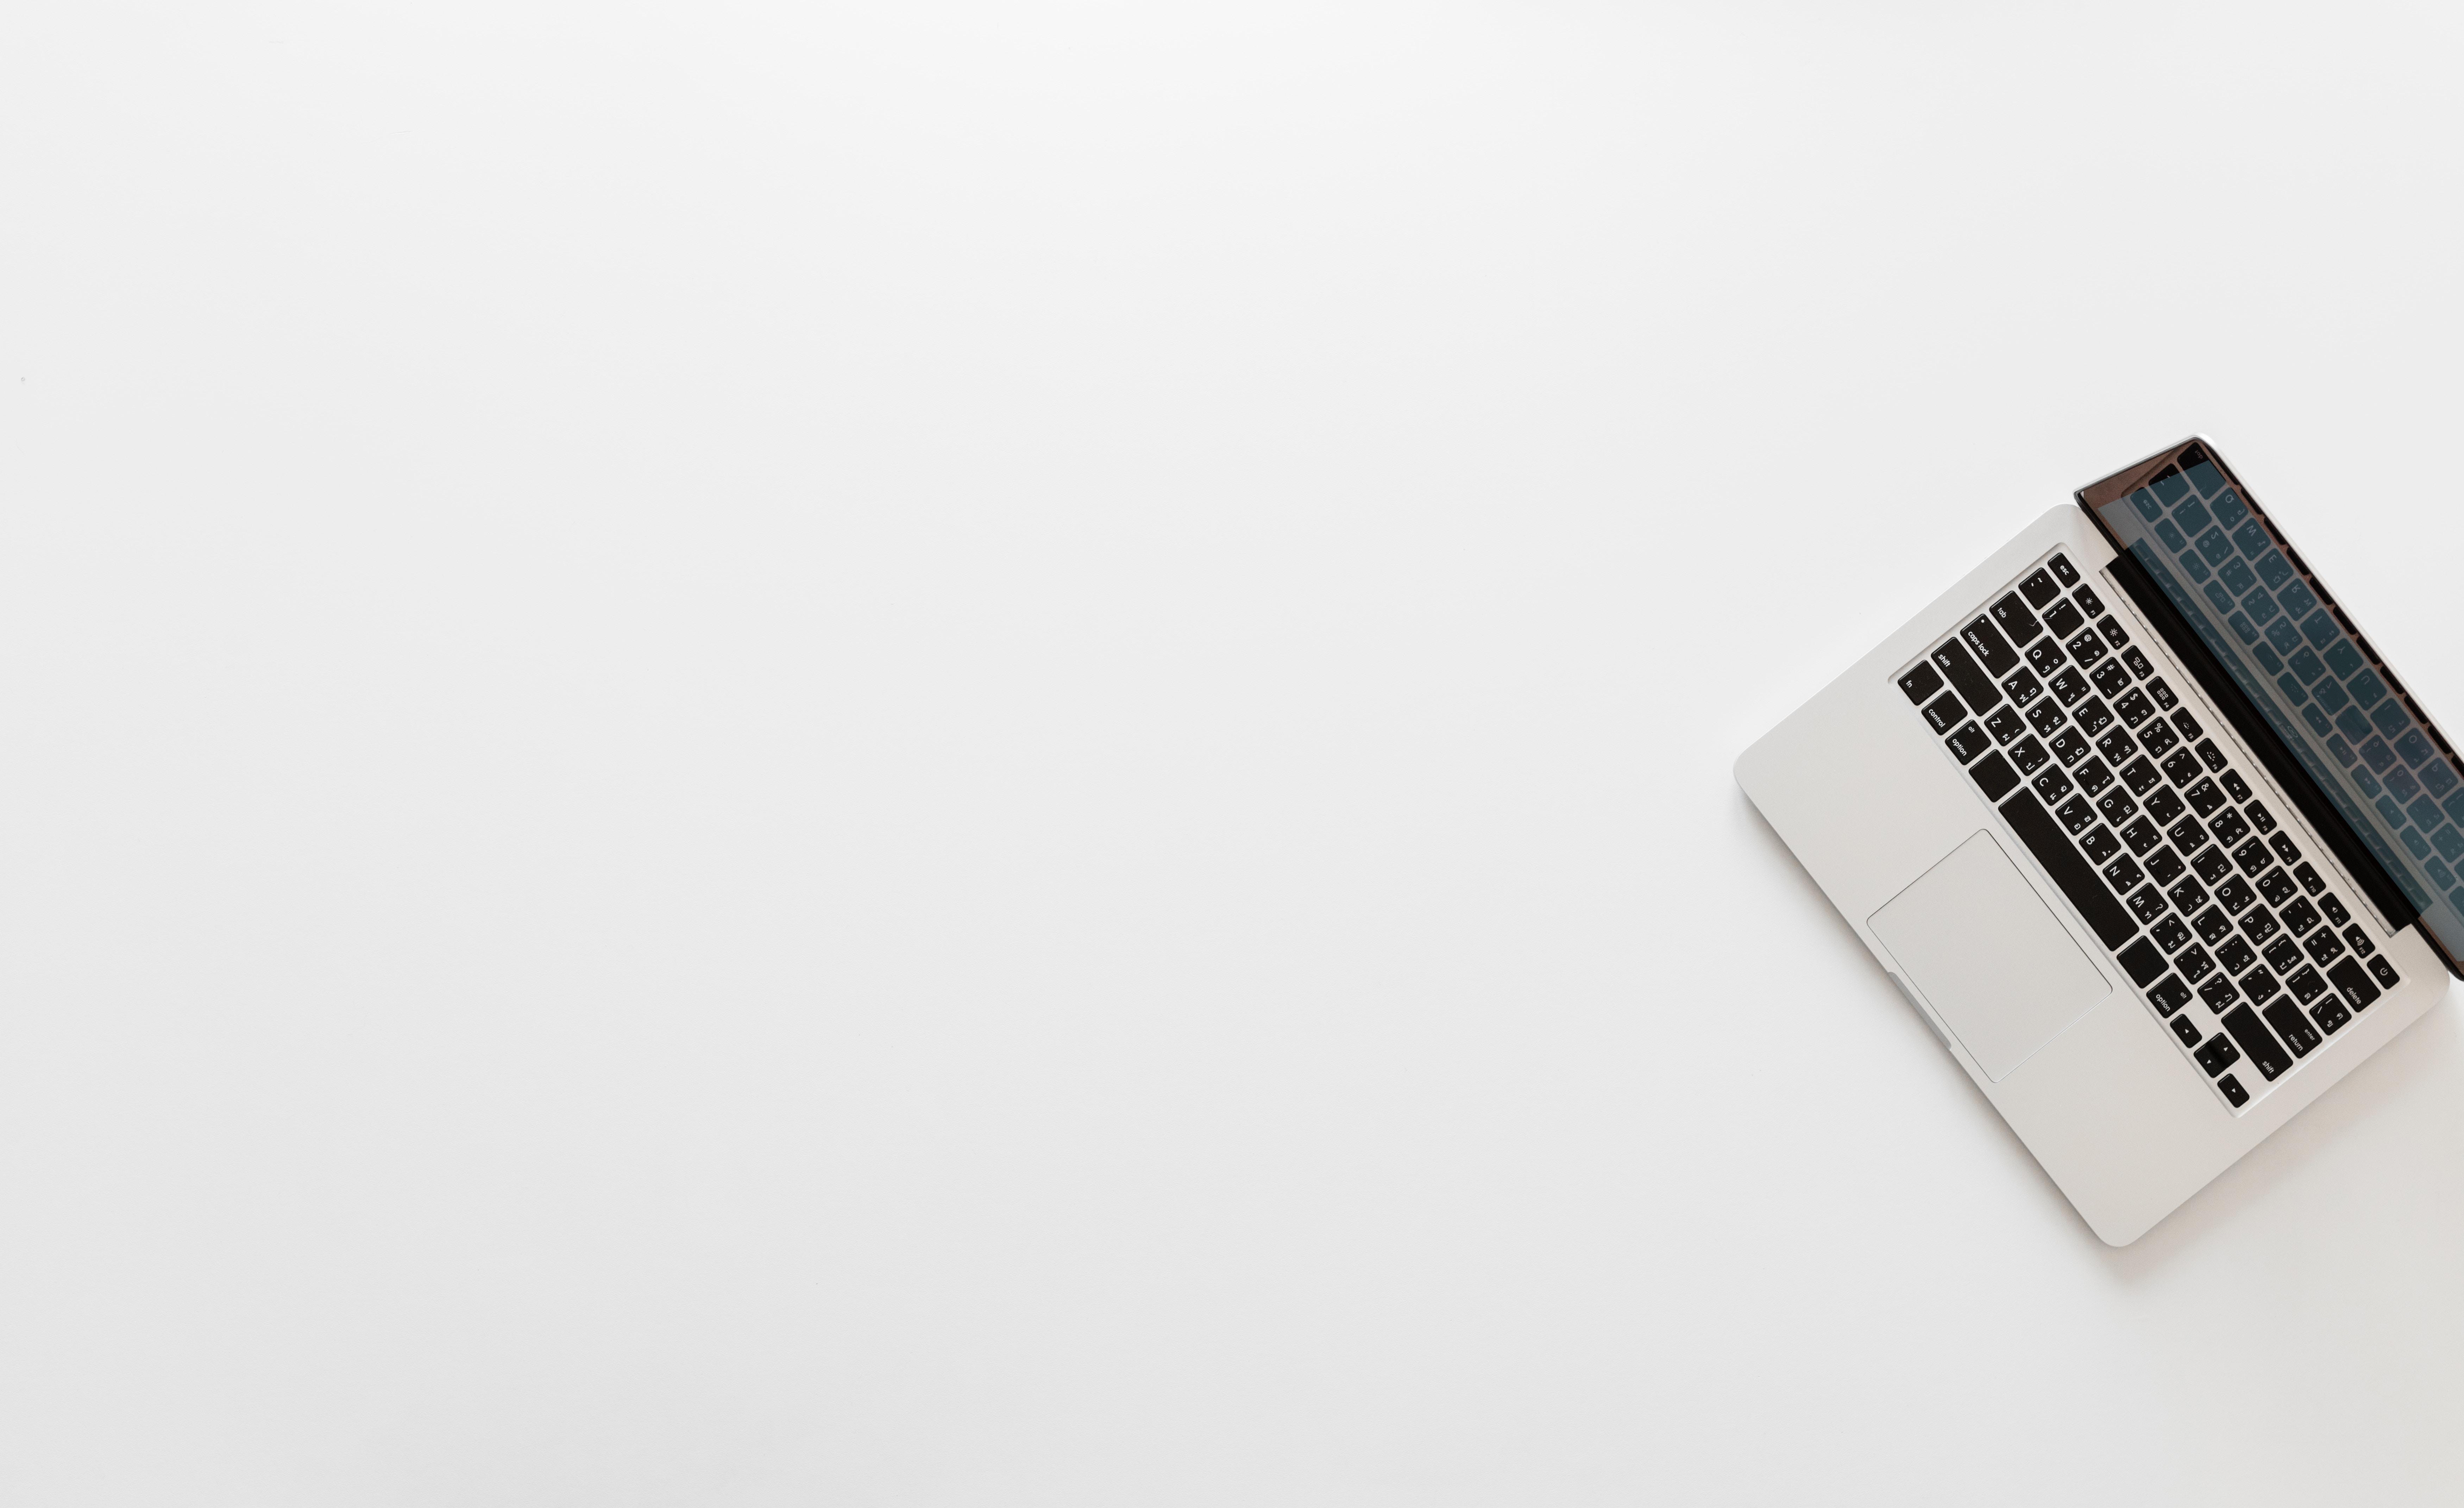 Bachelorarbeit Schreiben 6 Tipps Gegen Schreibblockaden Auratikum